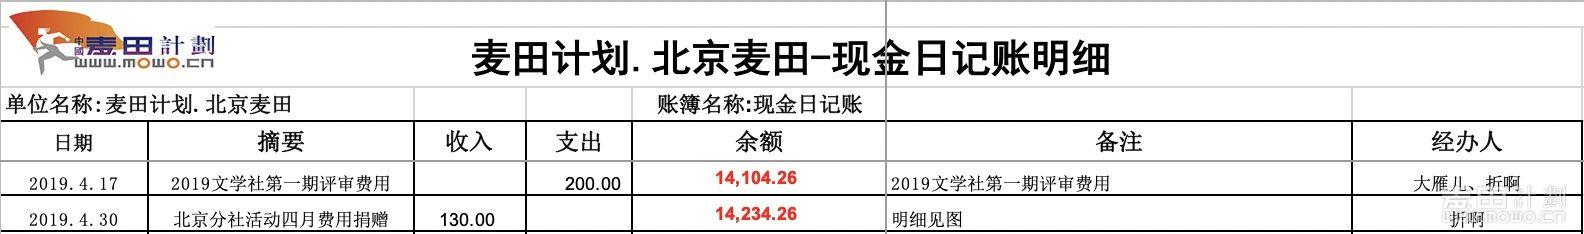 4月财务日记明细.JPG